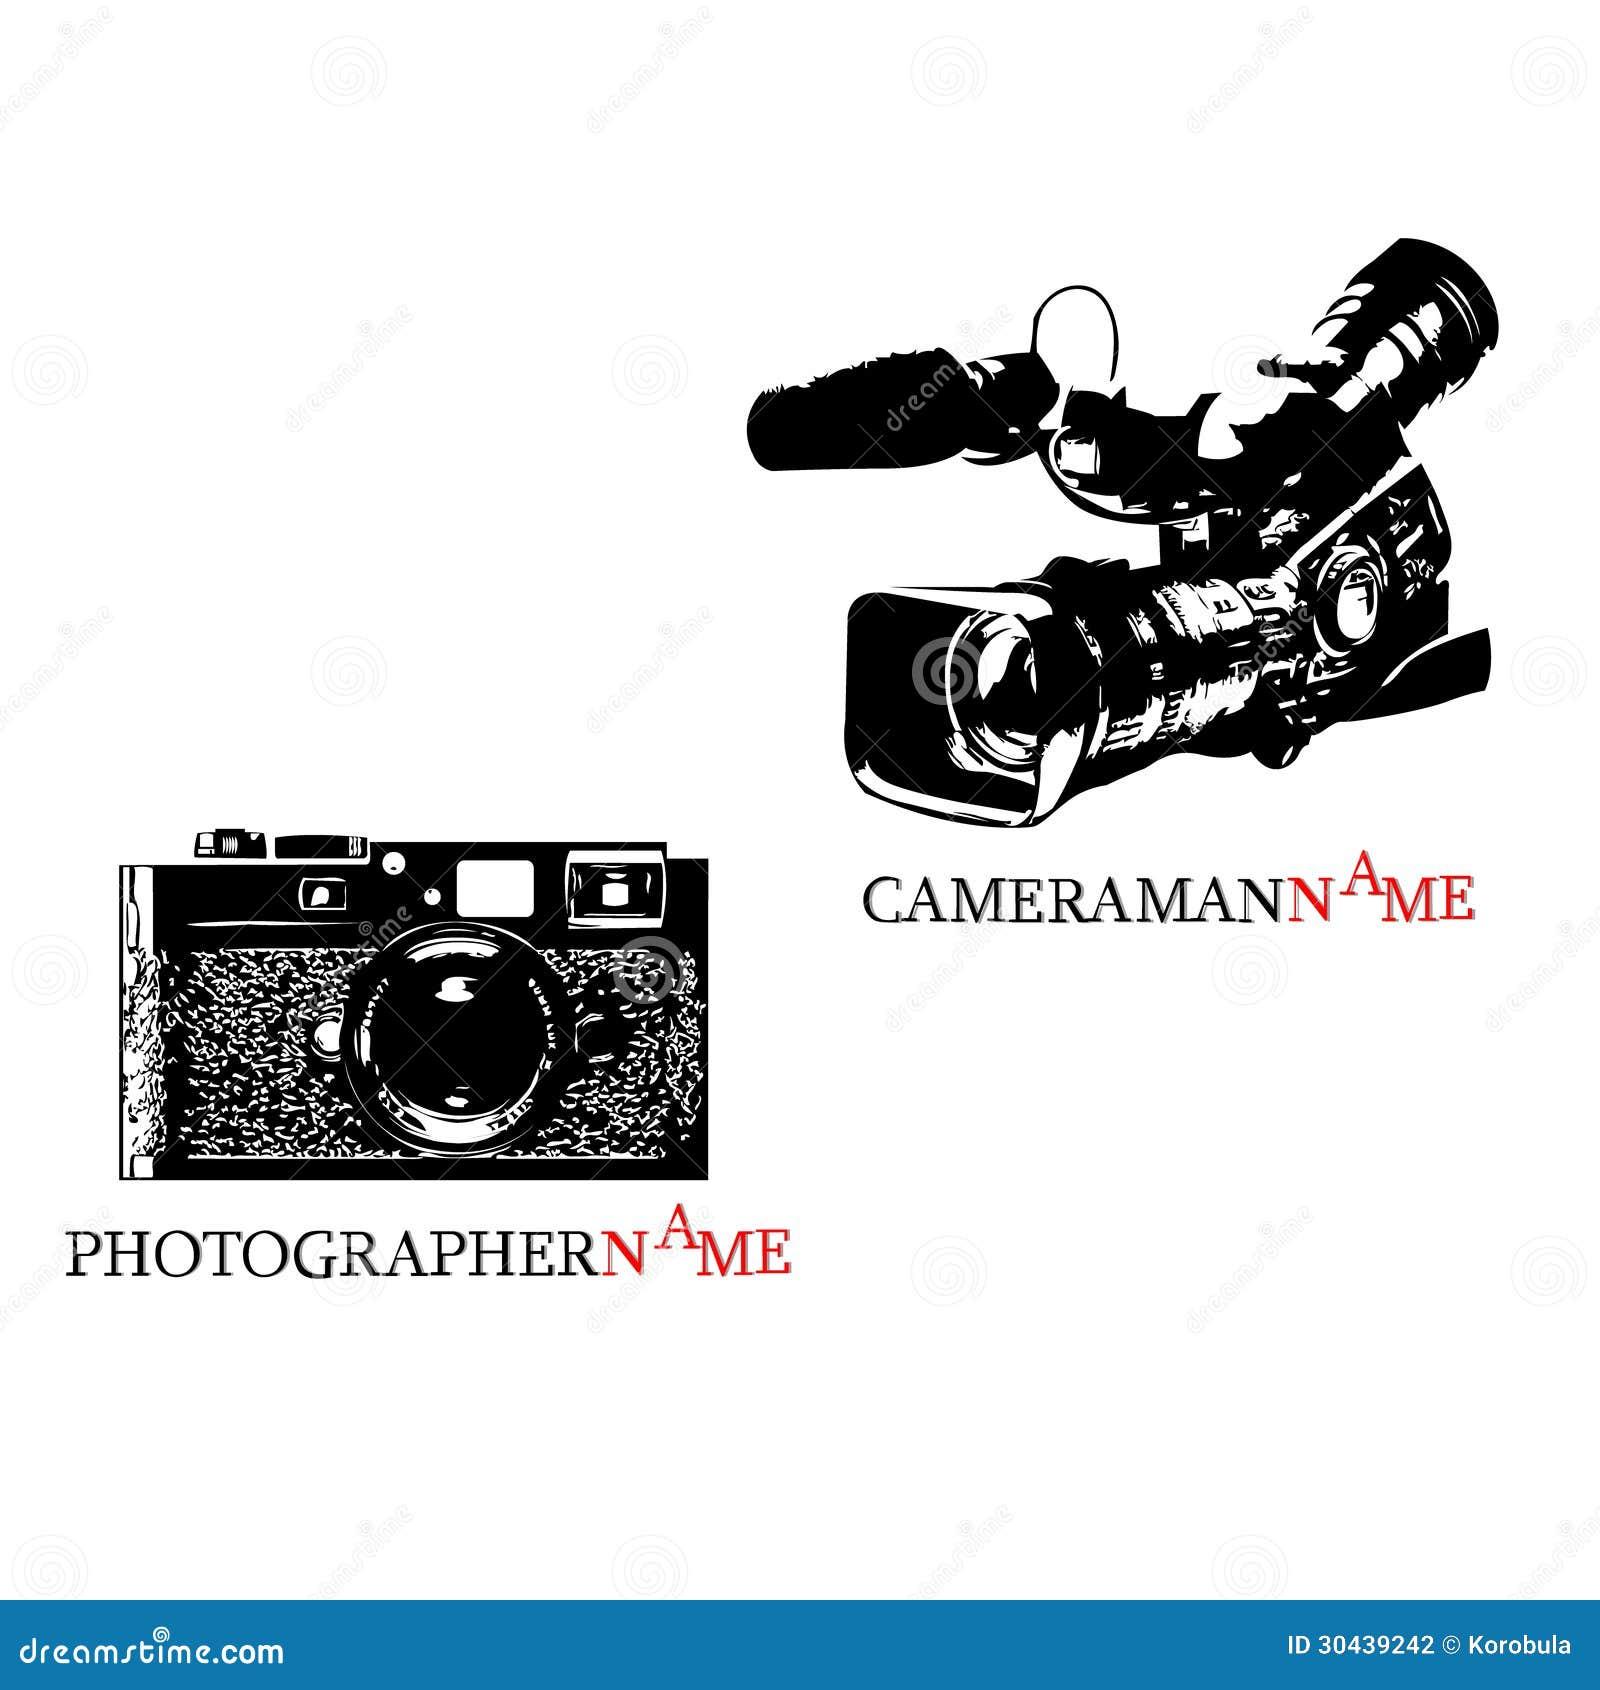 Логотип фотографа и логотип оператора